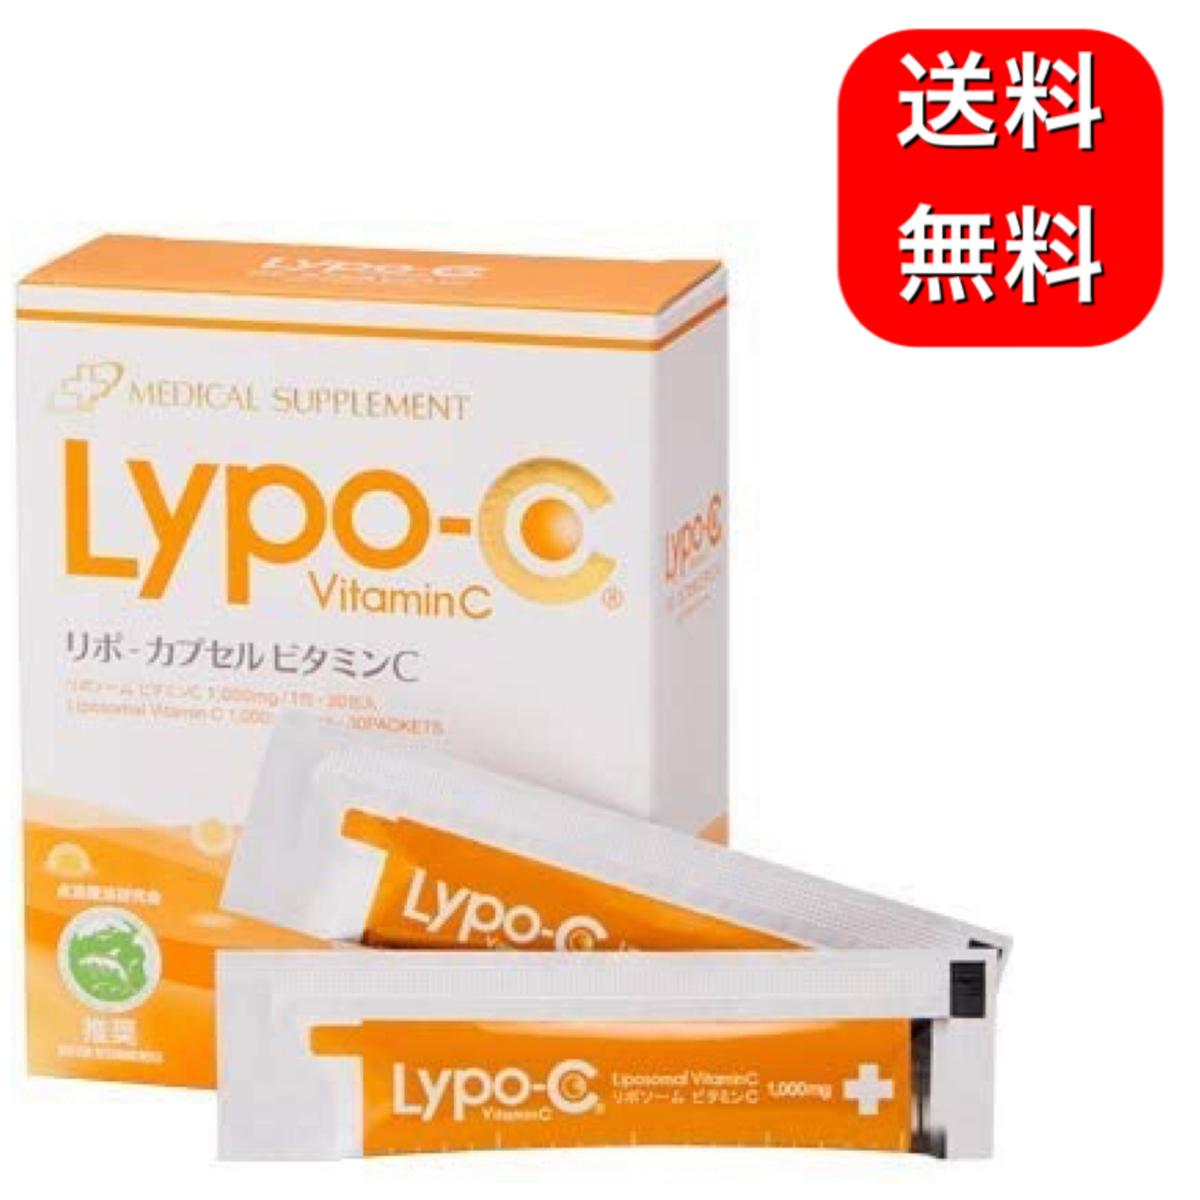 全国一律送料無料 Lypo-C お得なキャンペーンを実施中 リポ カプセルビタミンC リポソーム化ビタミン 30包 高濃度ビタミンc 返品不可